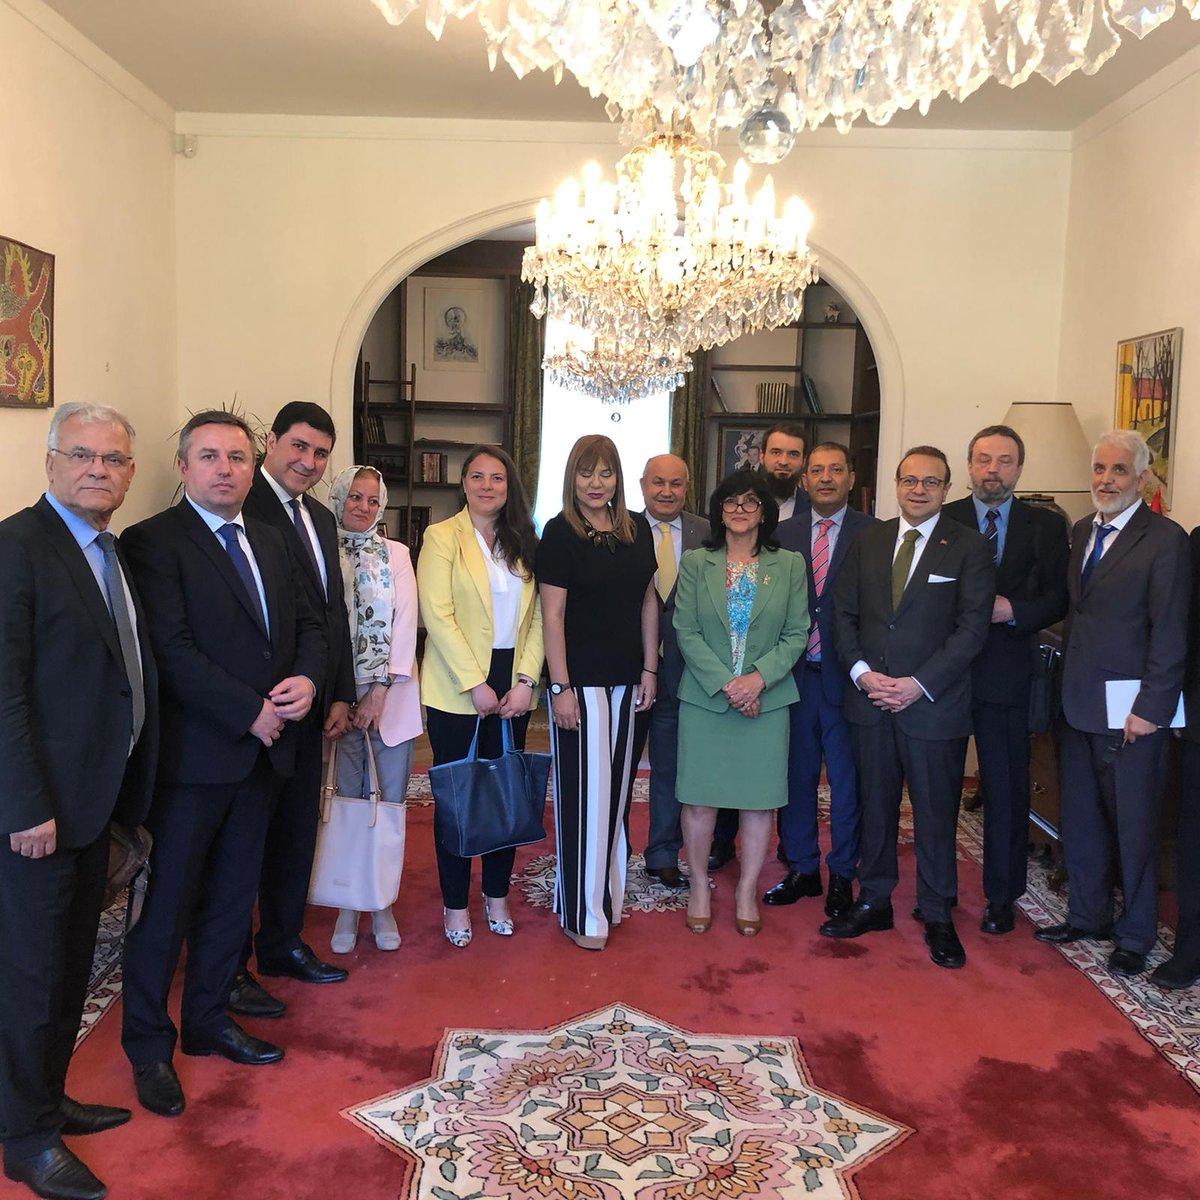 Büyükelçimiz Sayın @EgemenBagis, #Fas Büyükelçilik rezidansında gerçekleşen İslam İşbirliği Teşkilatı Prag Çalışma Grubu toplantısına katılarak, #ÇekCumhuriyeti'ndeki Müslüman toplumun ihtiyaç duyduğu #Prag'da bir Müslüman mezarlığı kurma çabalarına destek verdi. https://t.co/DuylKagBjA